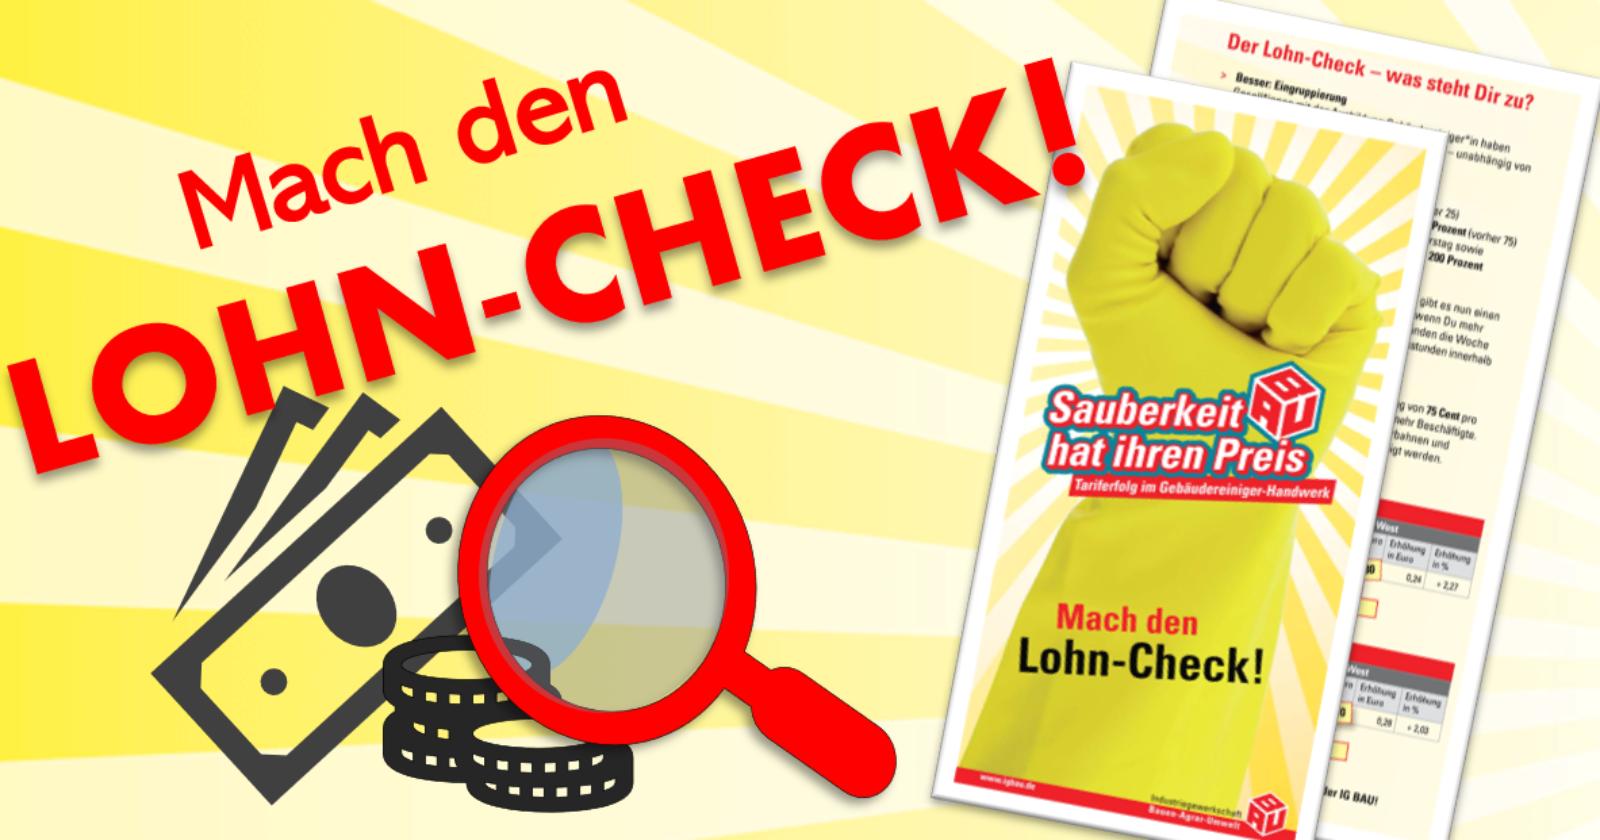 Flugblatt: Mach den Lohn-Check!